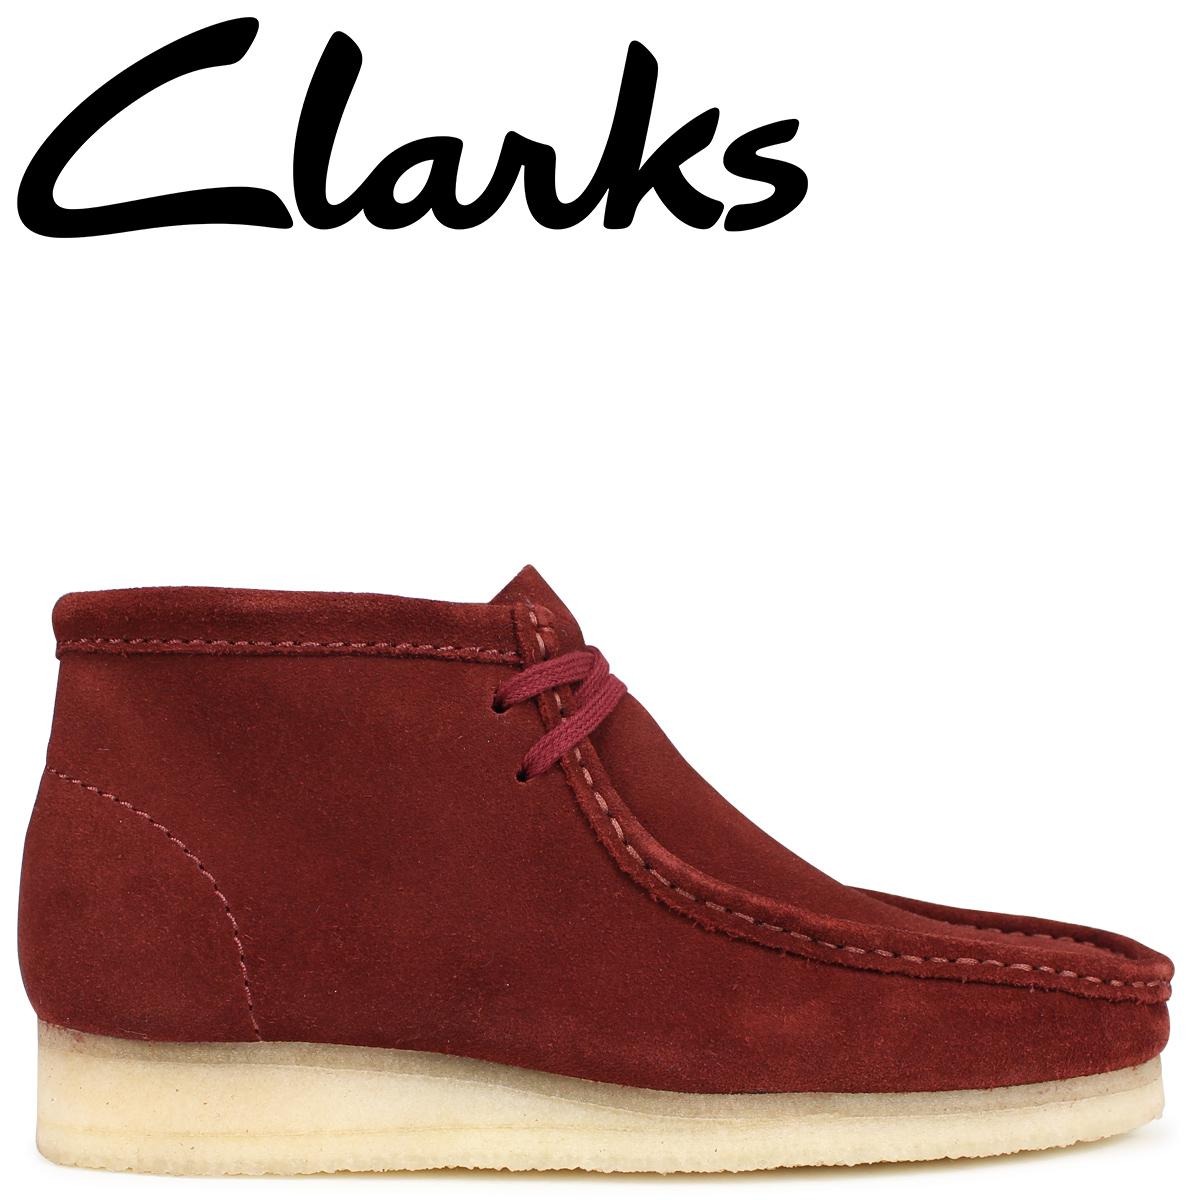 Clarks ワラビー ブーツ メンズ クラークス WALLABEE BOOT 26134755 ブラウン